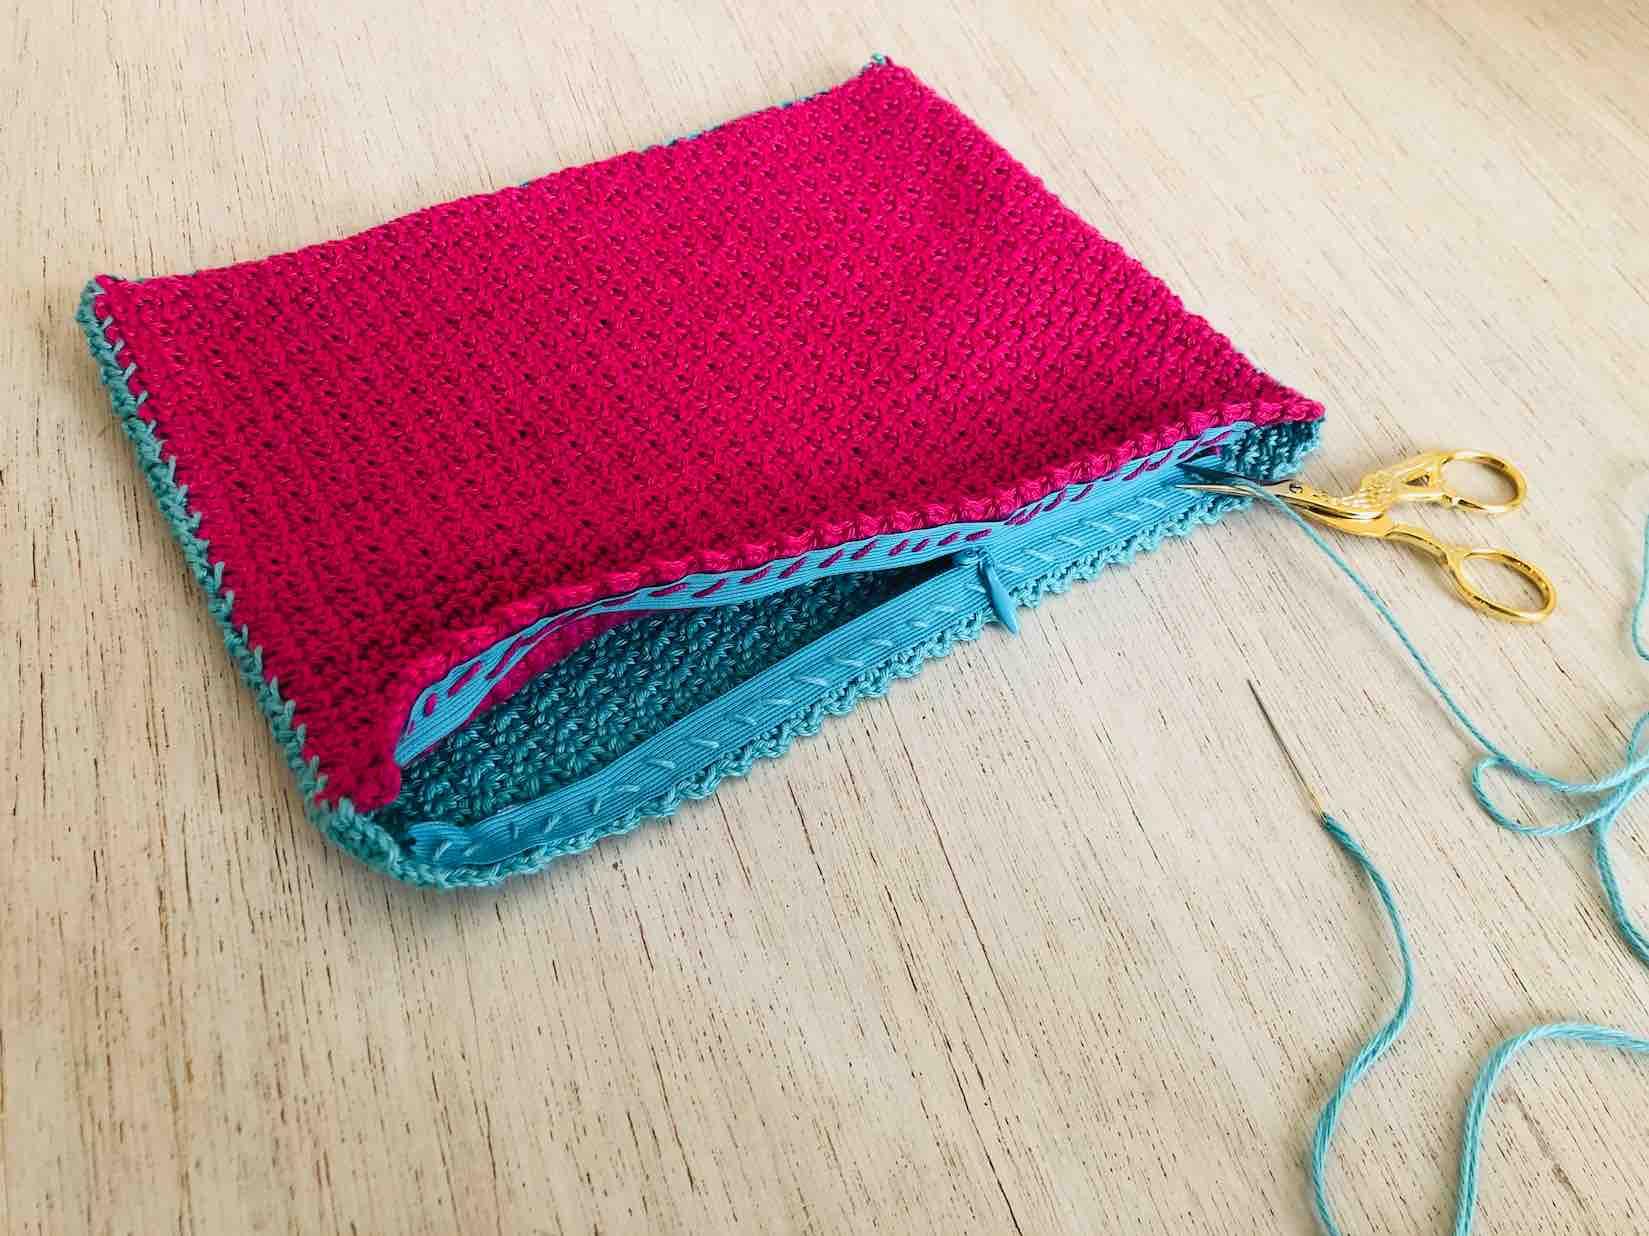 cucire la zip alla pochette linda